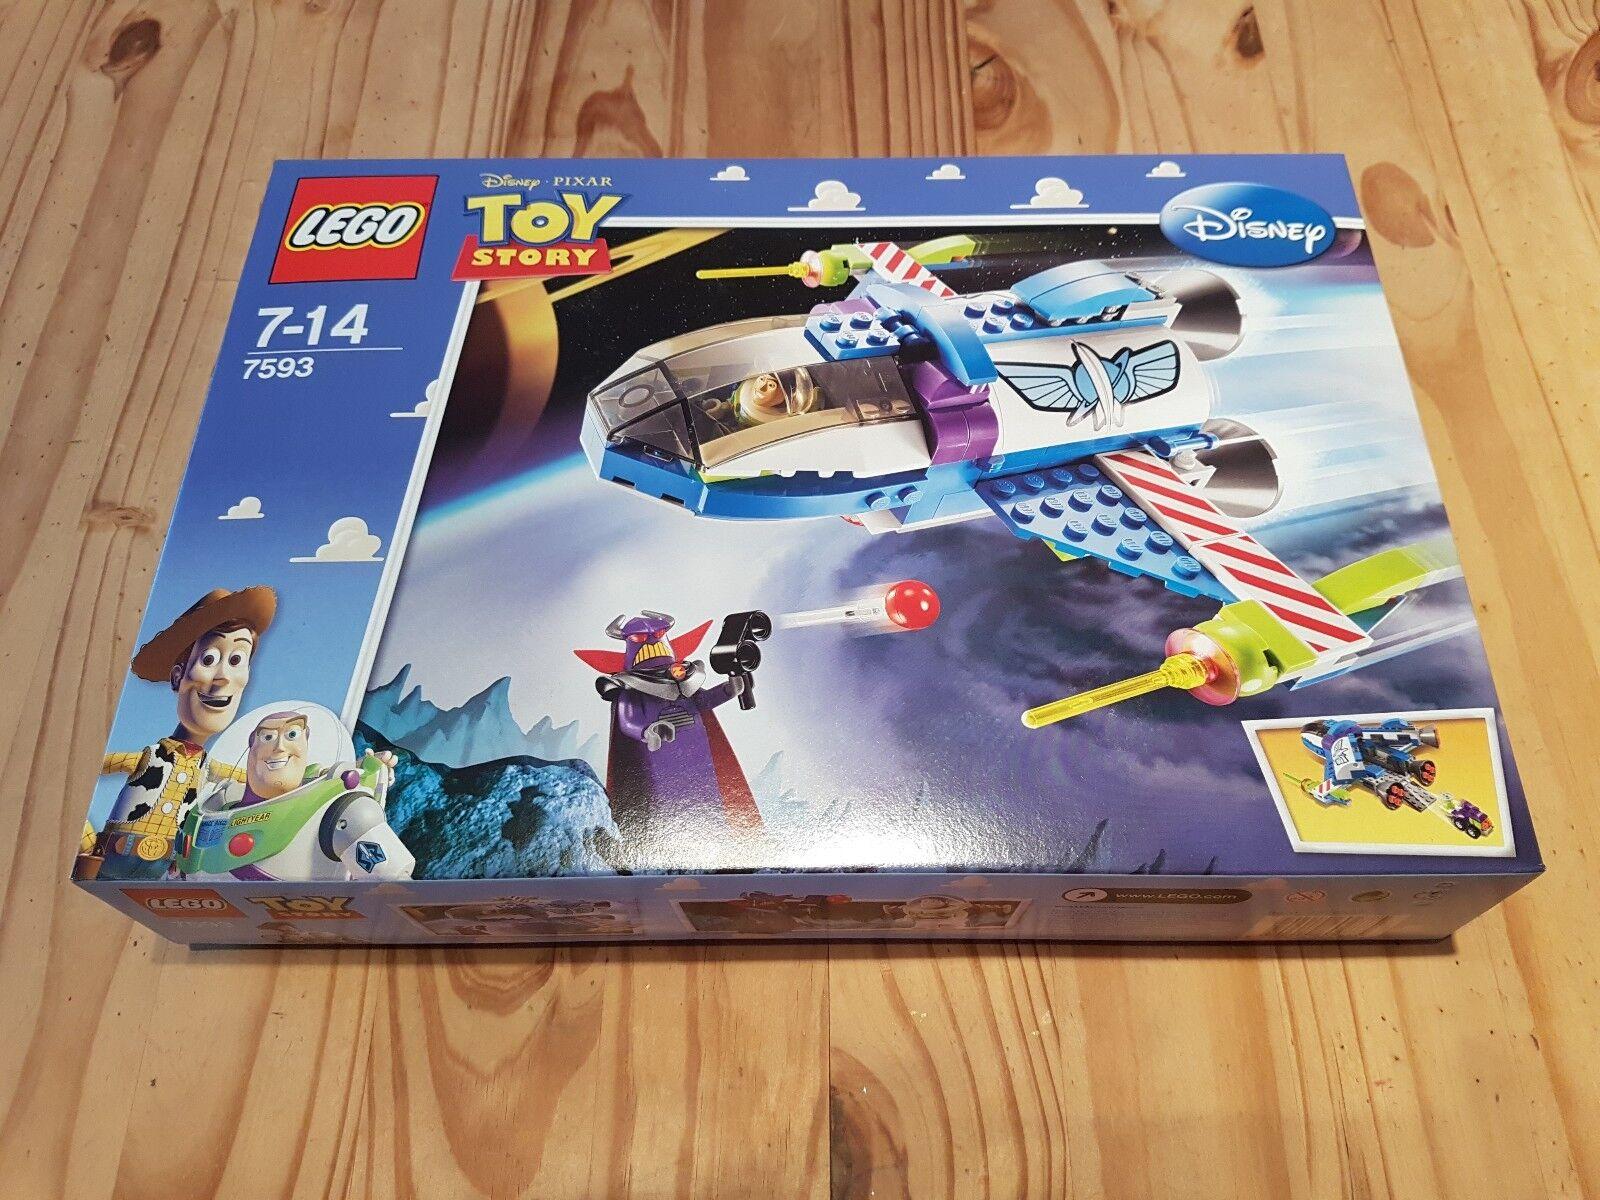 LEGO Toy Story - Buzz's Star Command (7593) BNISB